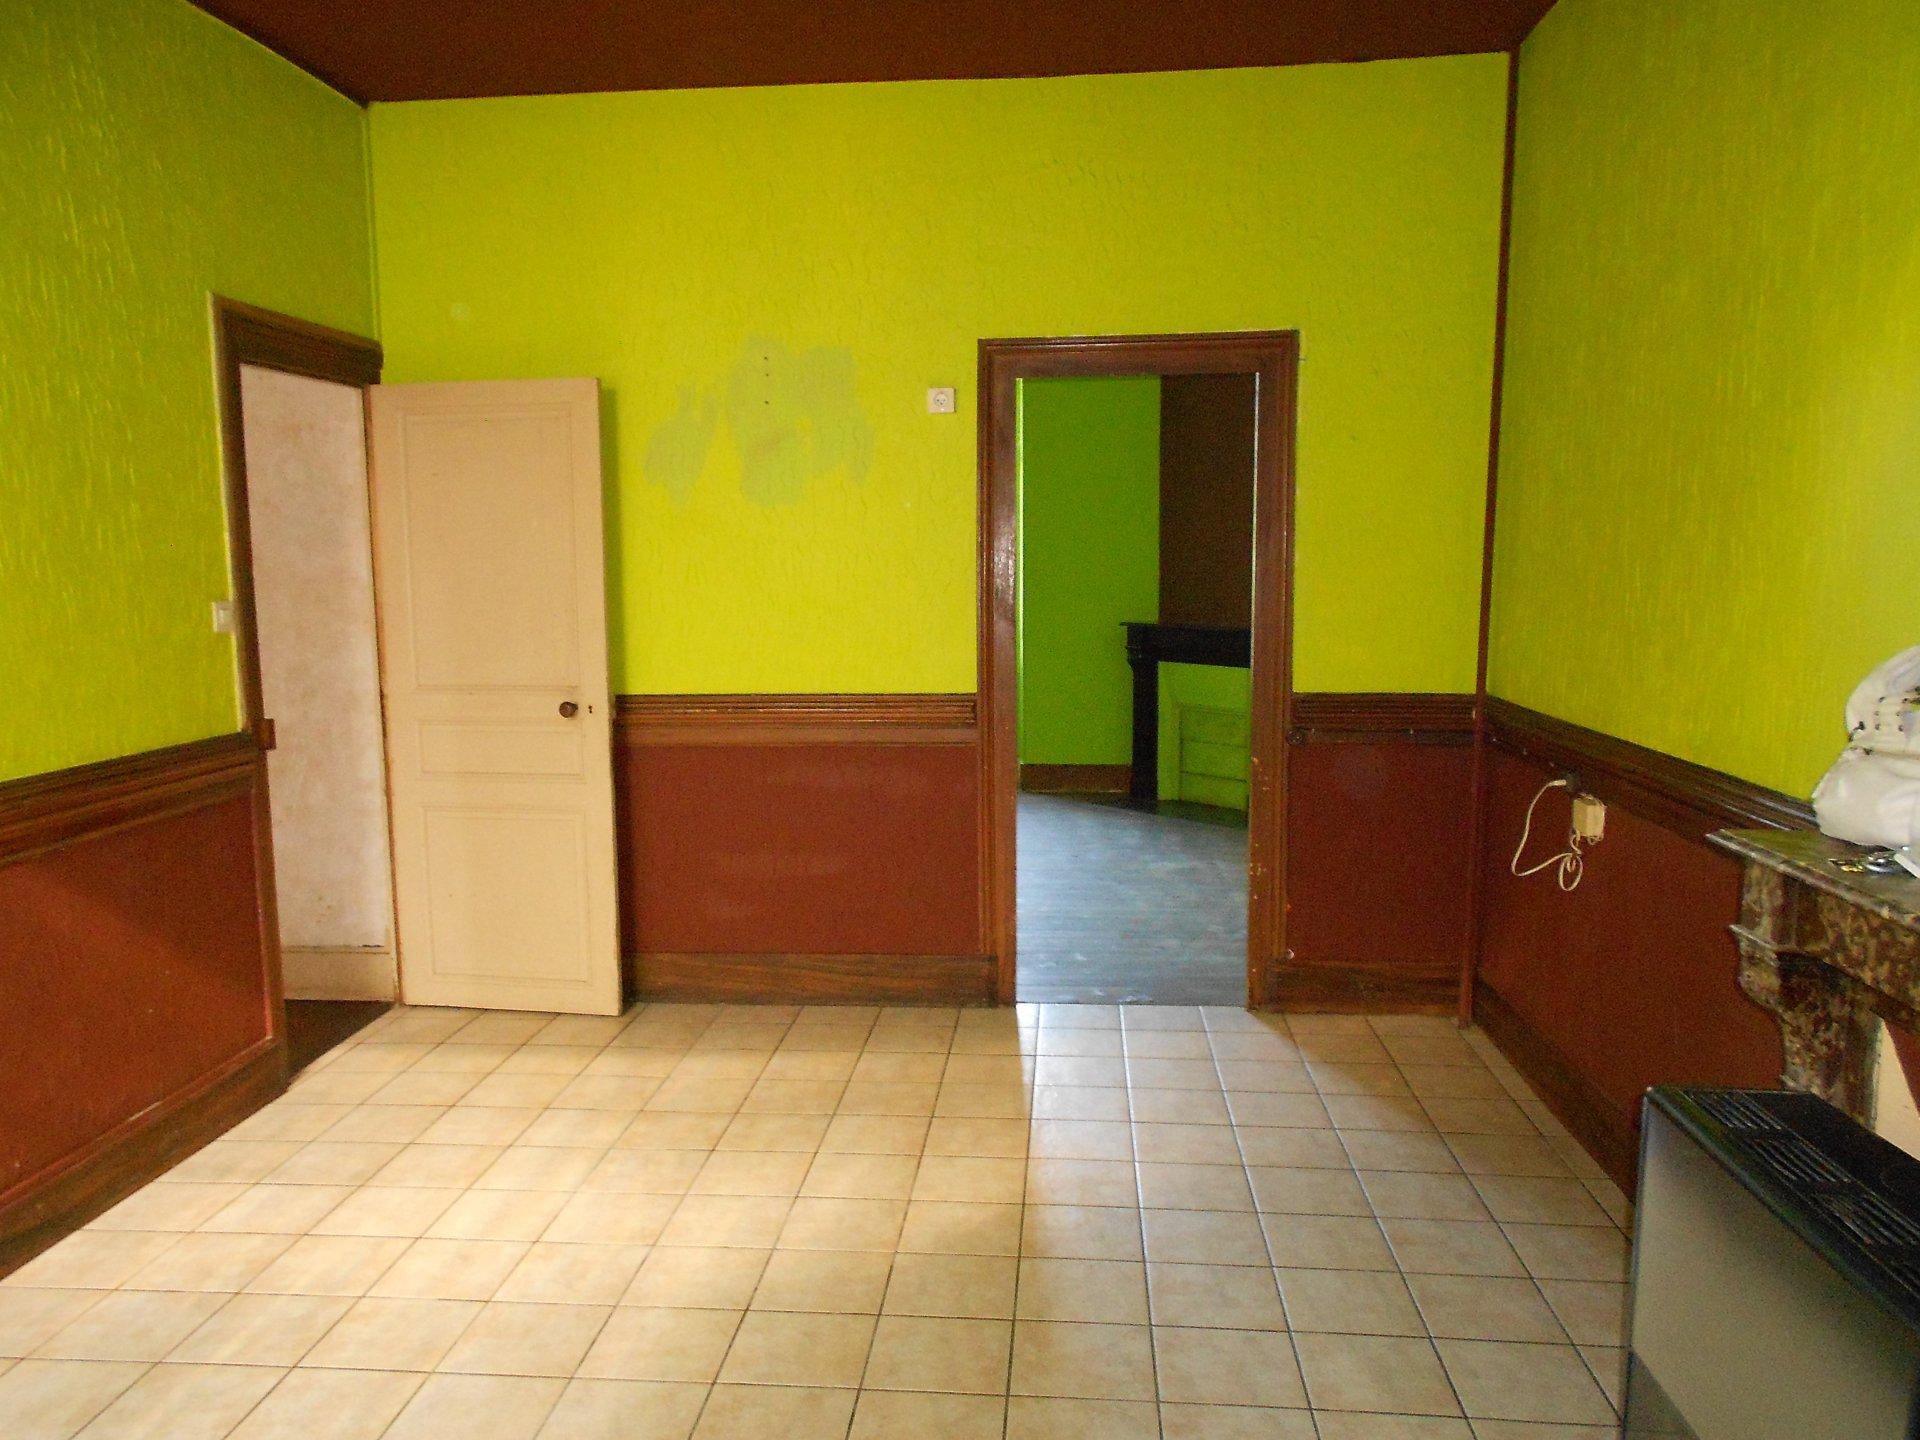 Maison de caractère /2 niv.  146m² hab. à rénover.